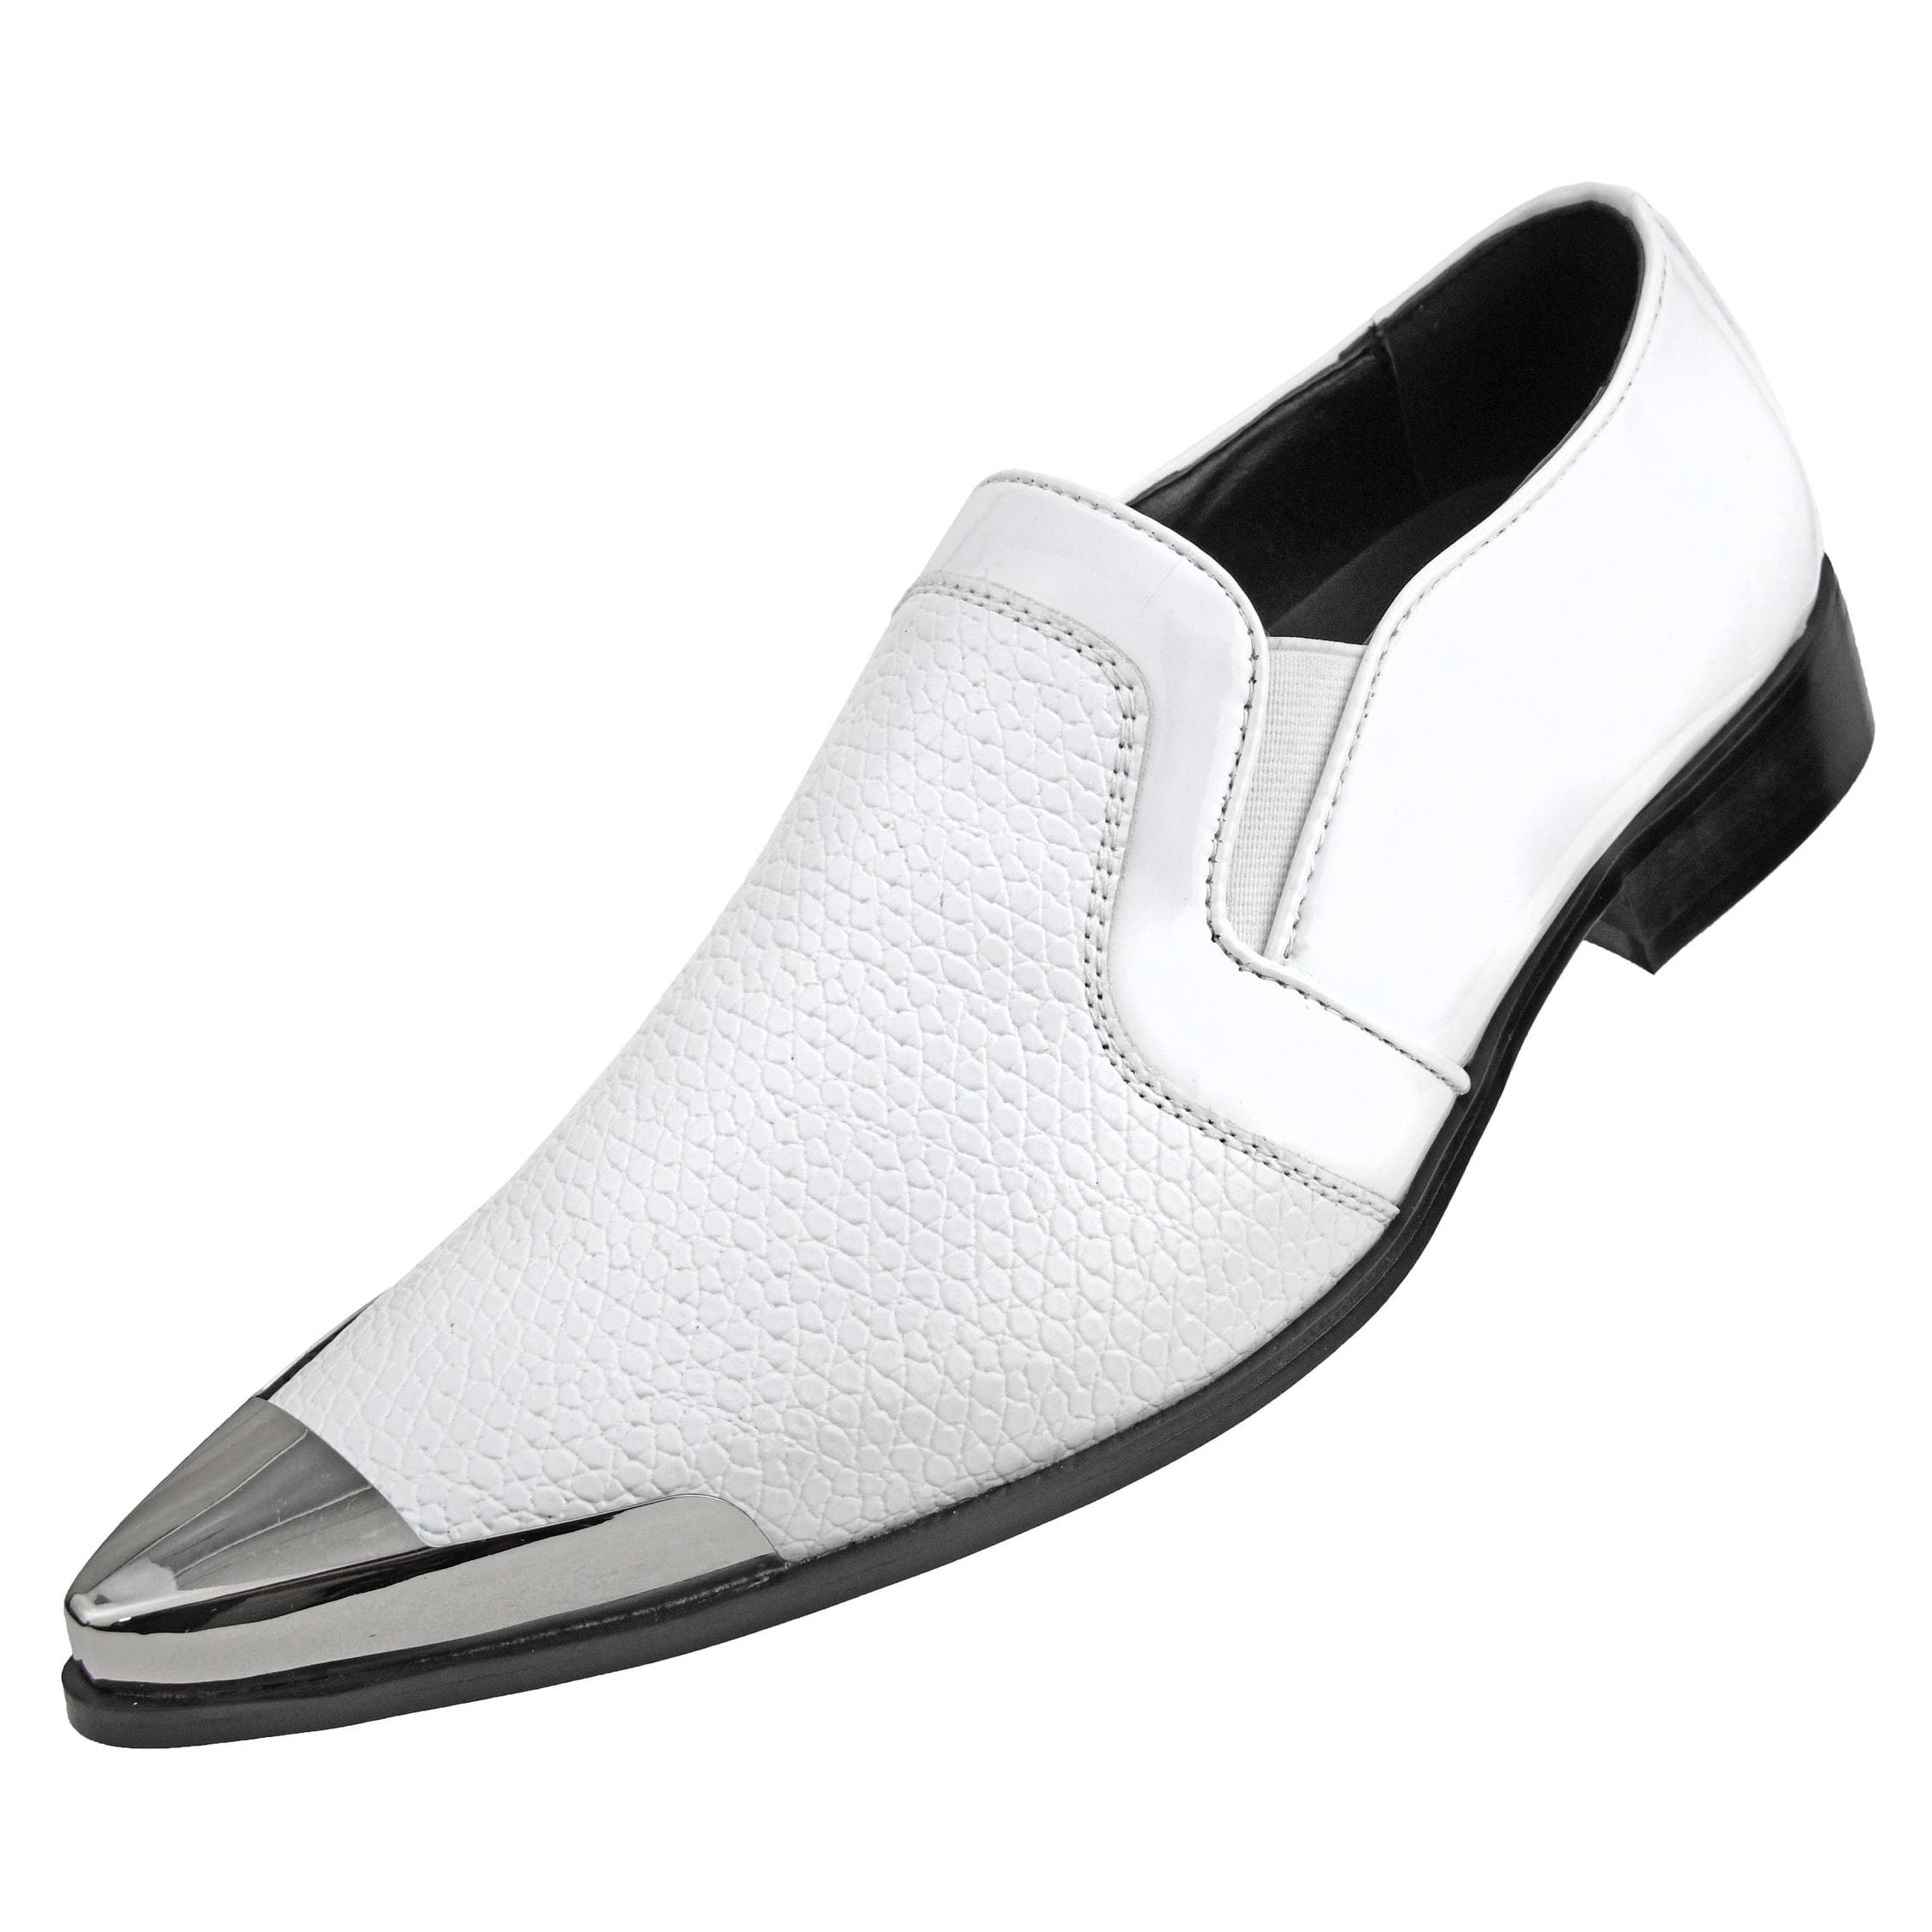 09b8b648 Buy Men's Slip-ons Online at Overstock | Our Best Men's Shoes Deals